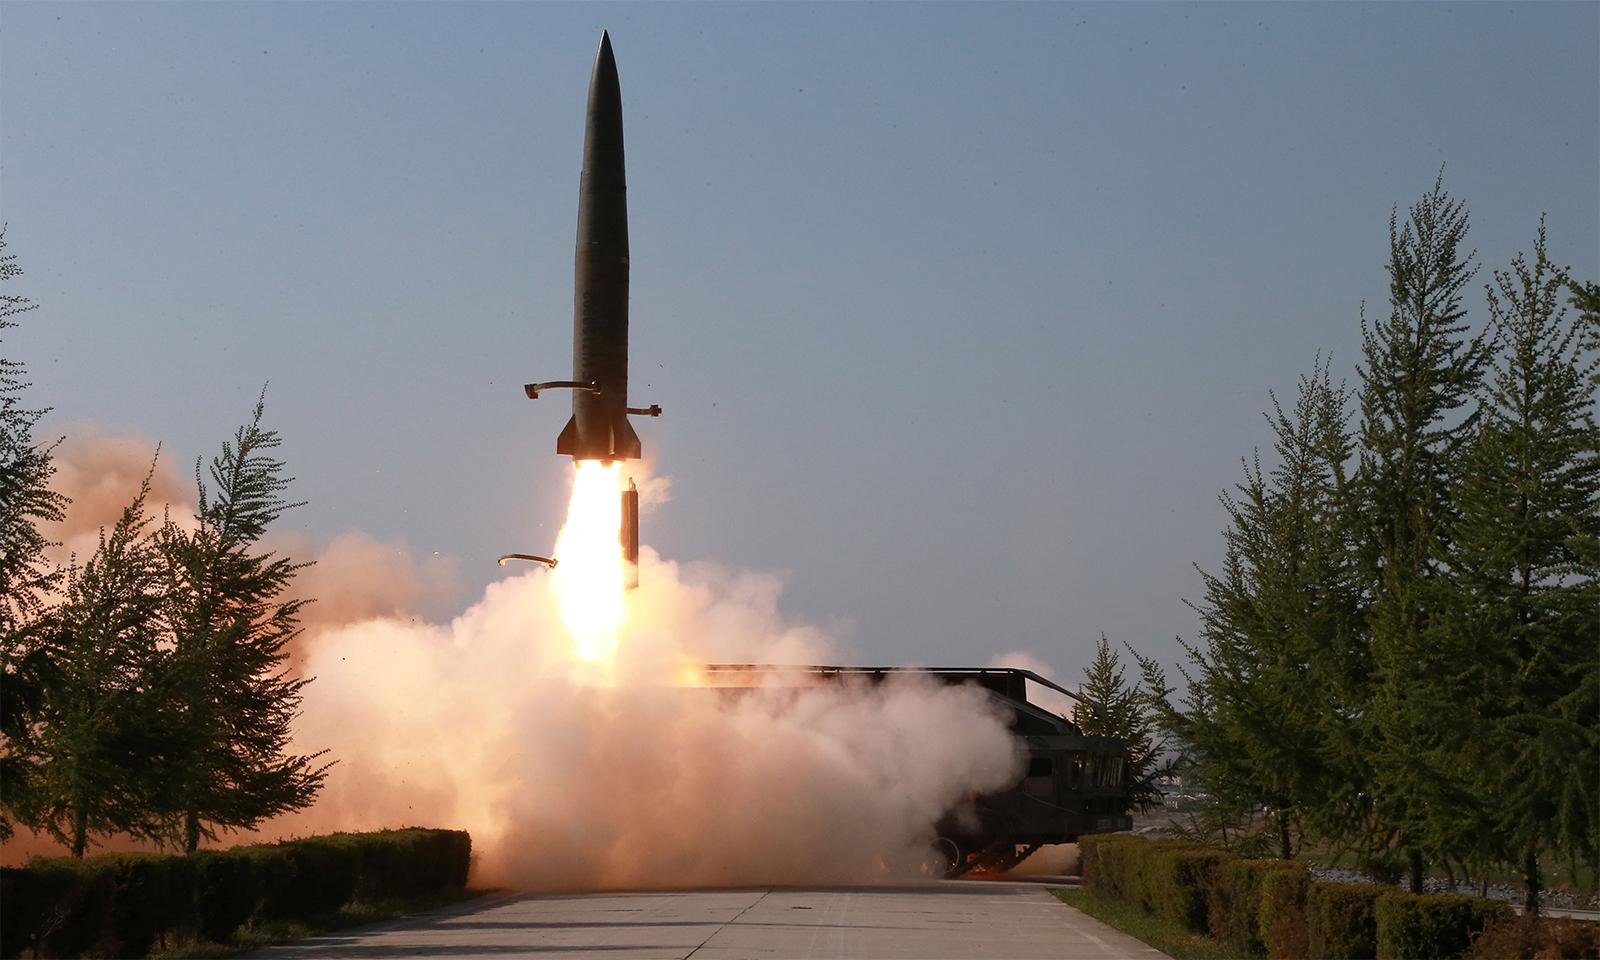 Triều Tiên phóng thử tên lửa đạn đạo hồi tháng 5/2019. Ảnh: KCNA.